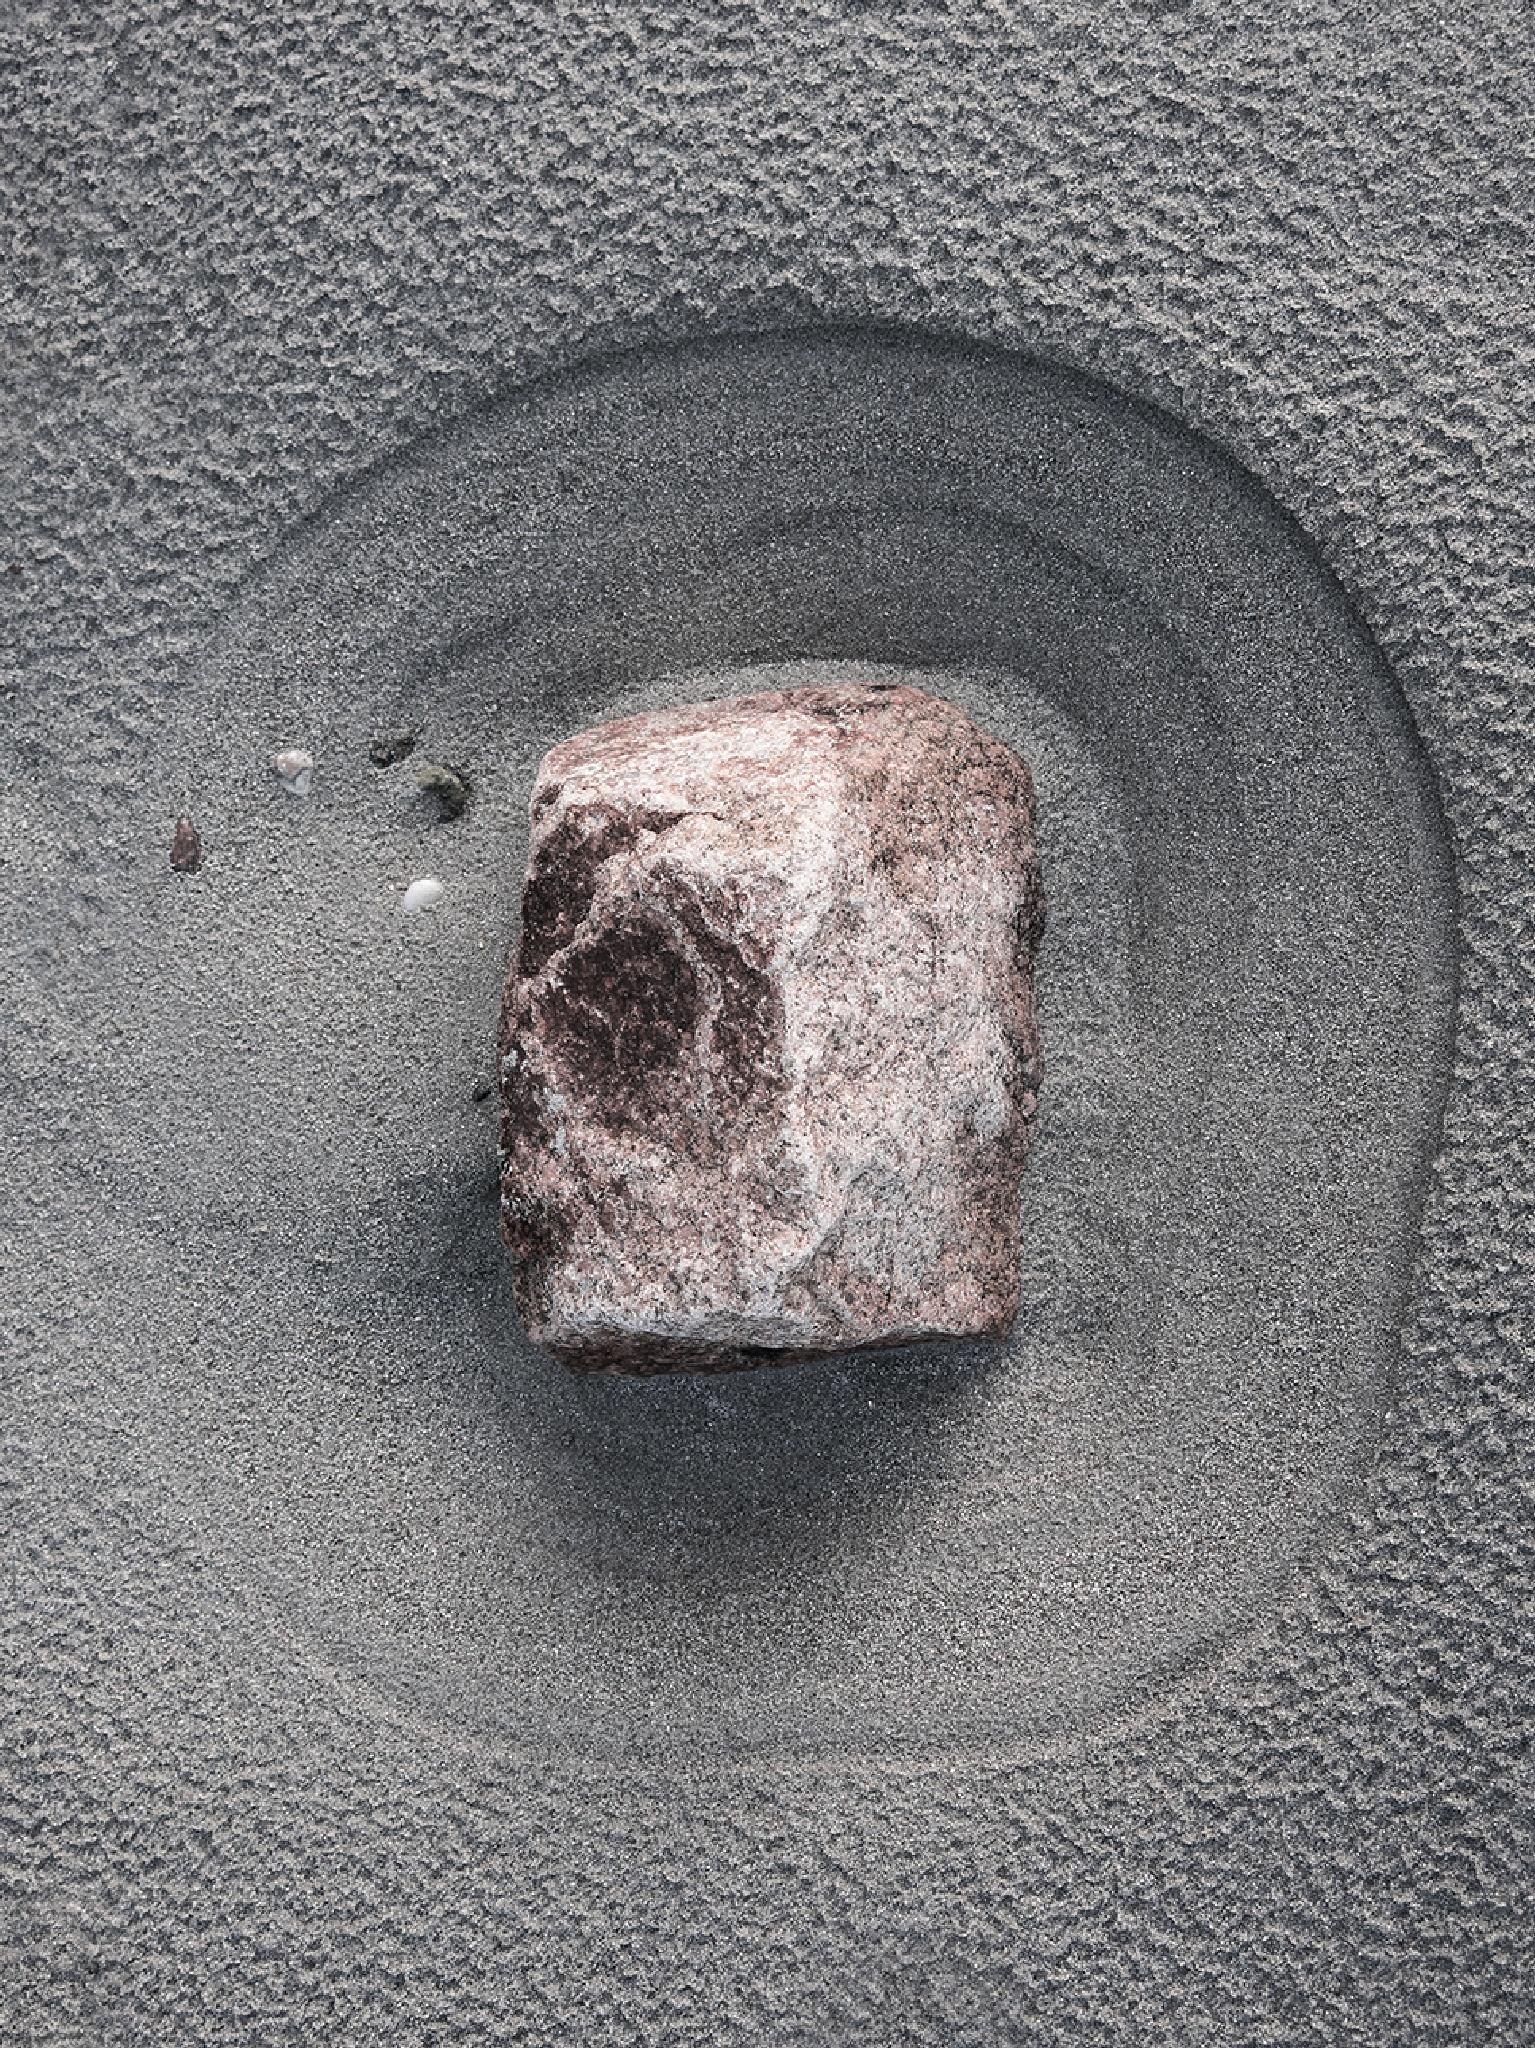 Stone by mistaone